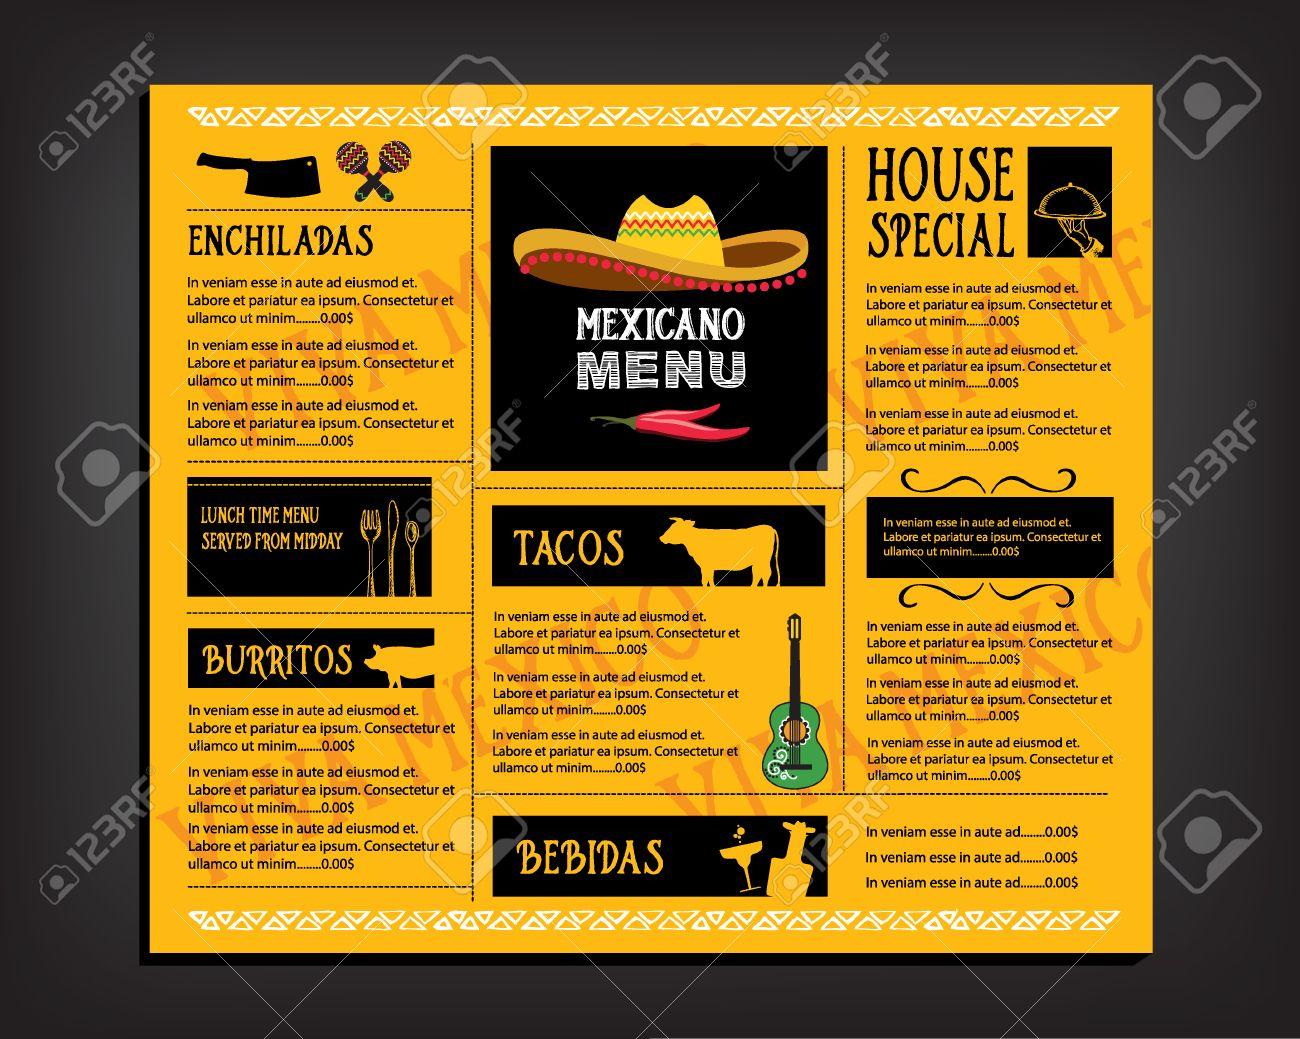 Cafe Menu Restaurant Brochure Food Design Template Royalty Free – Restaurant Brochure Templates